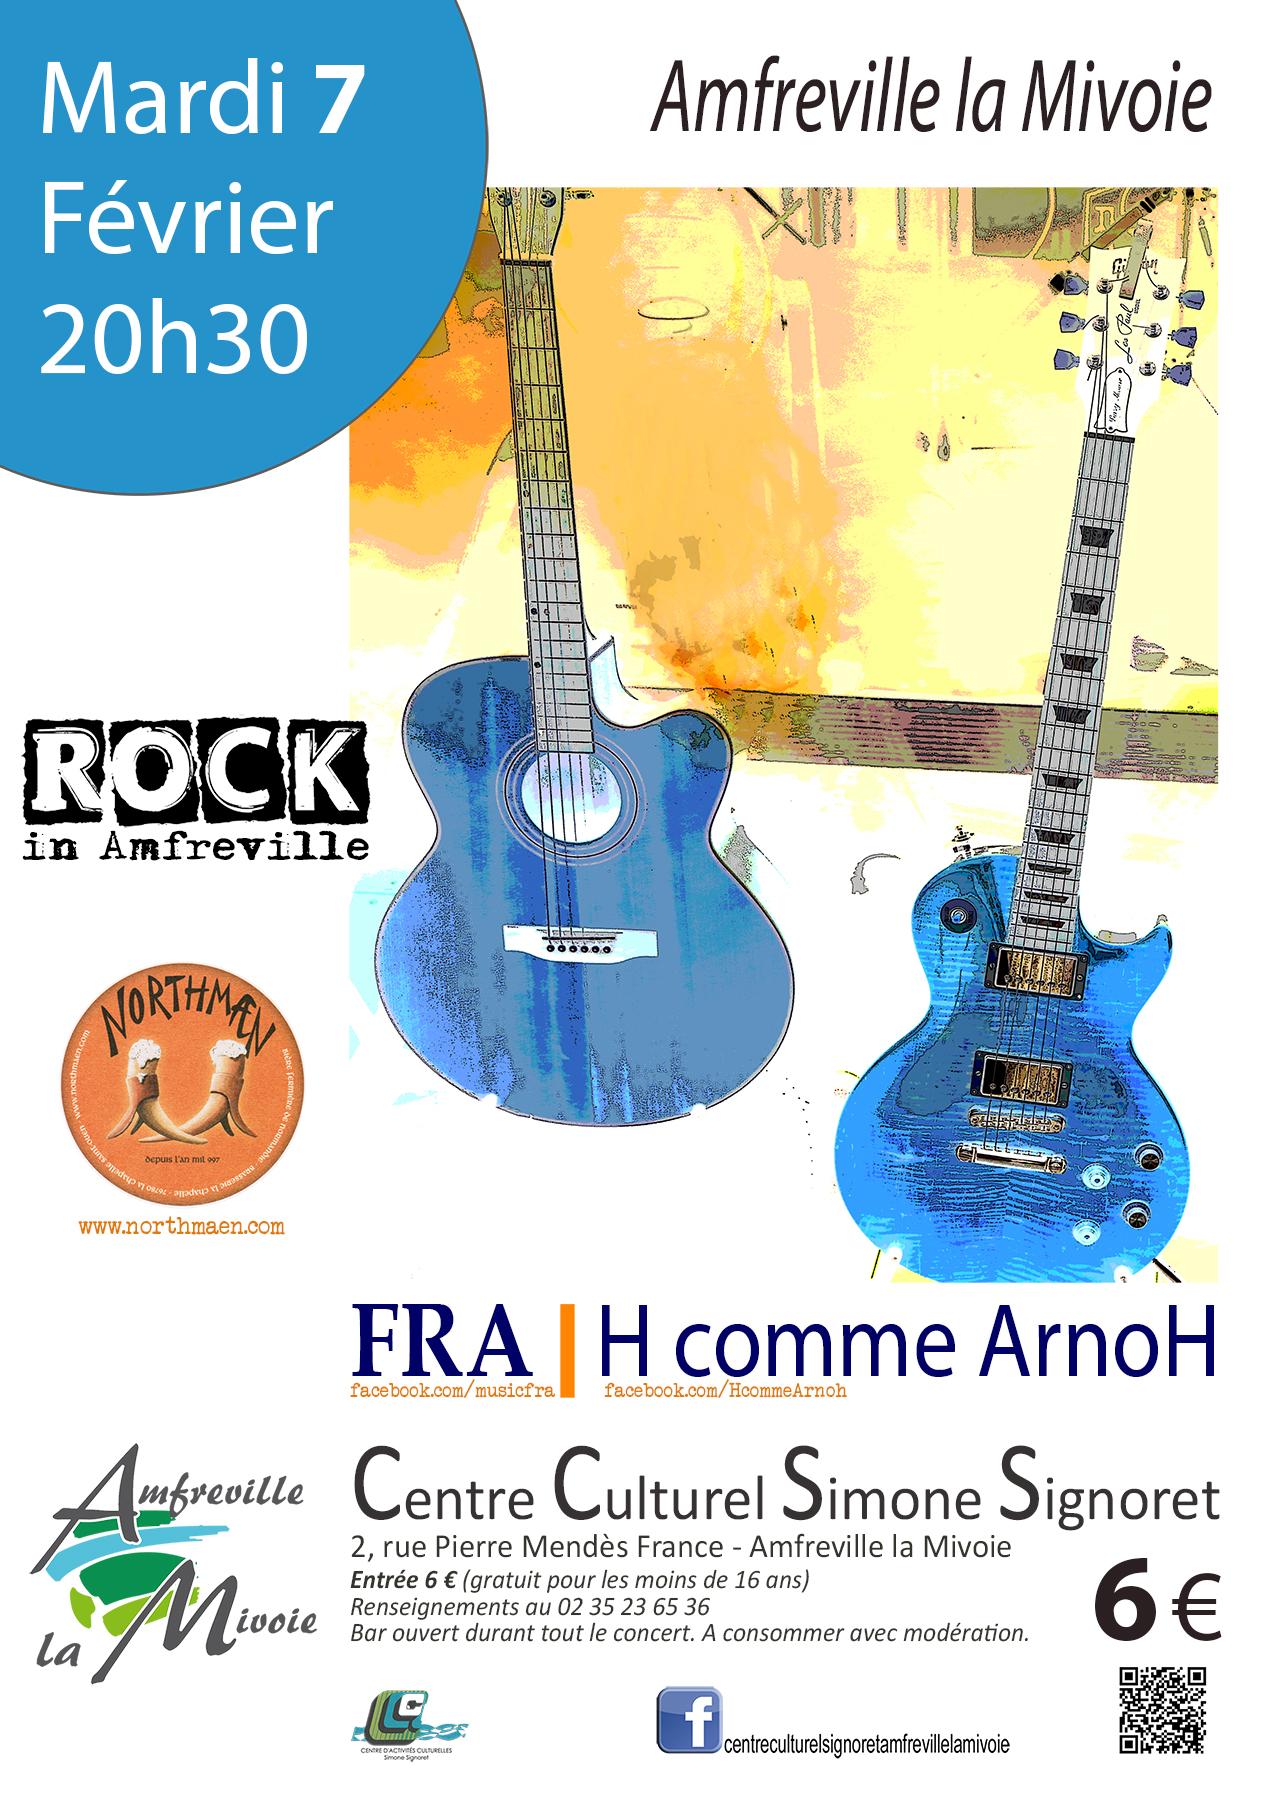 affiche-riamfreville-2017-fb